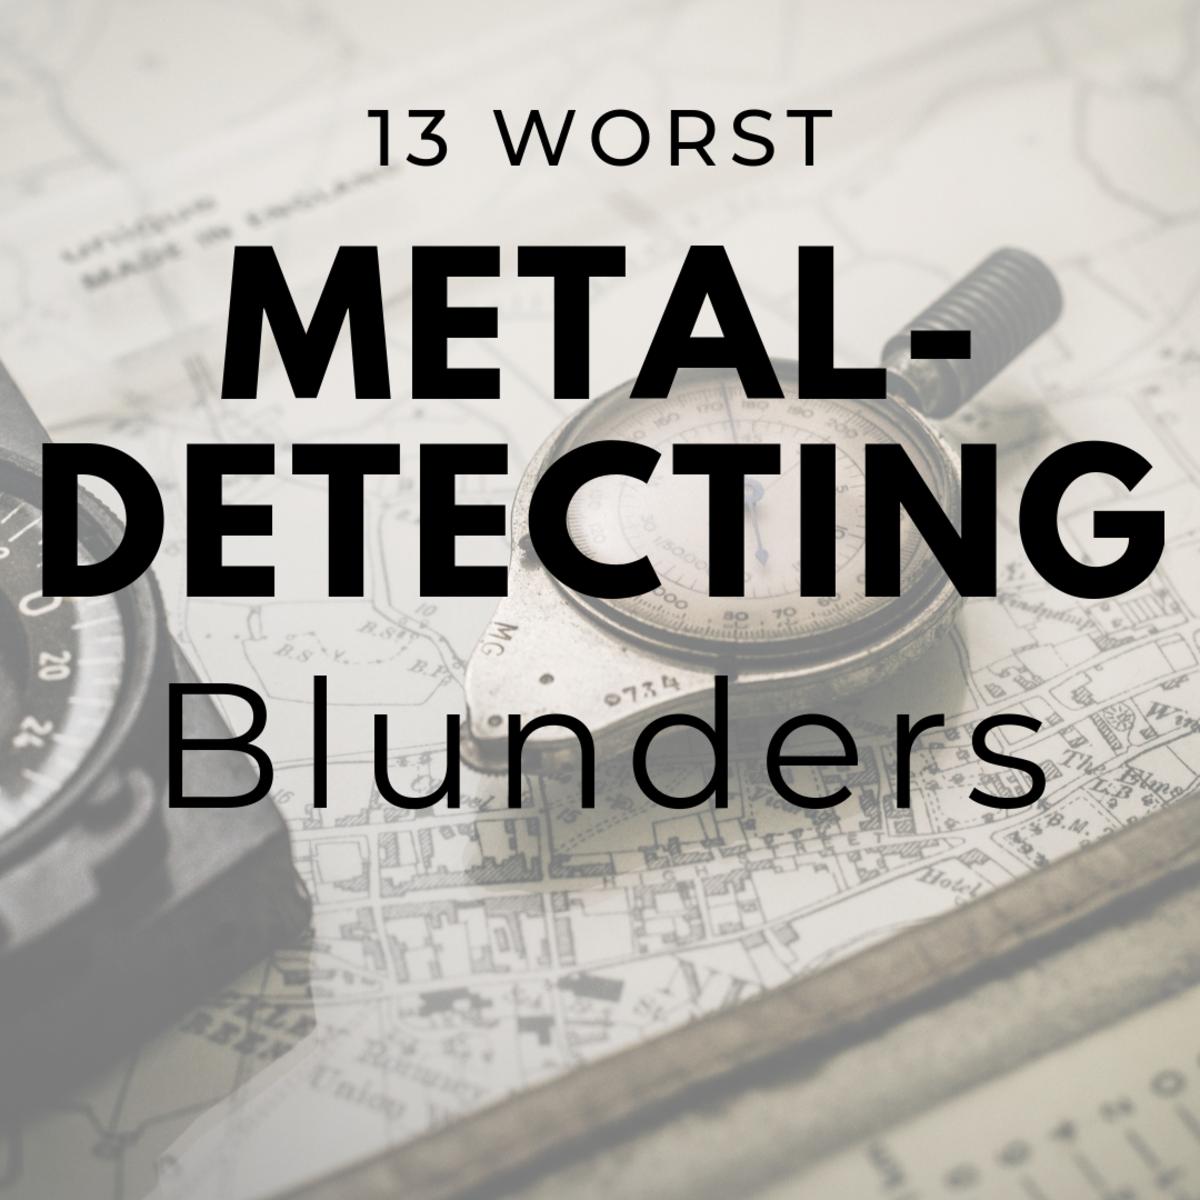 The 13 Worst Metal-Detecting Blunders